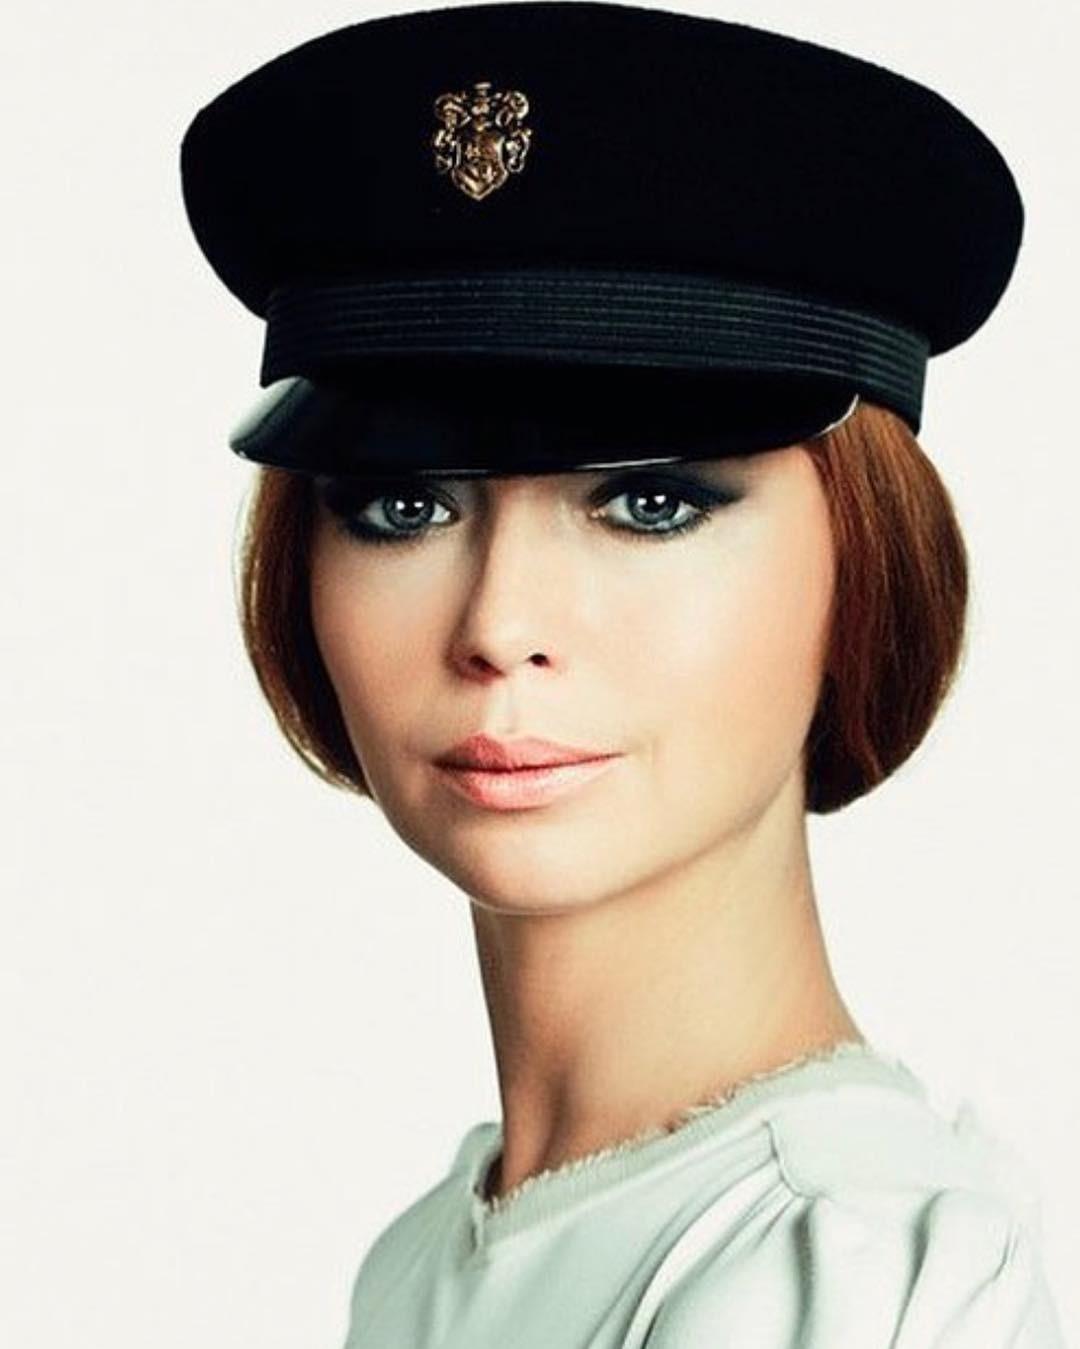 В кадре Елена запечатлена в образе стюардессы (или даже разведчицы). Волосы актриса убрала назад, украсив прическу головным убором, а в макияже сделала акцент на глаза с помощью техники с...